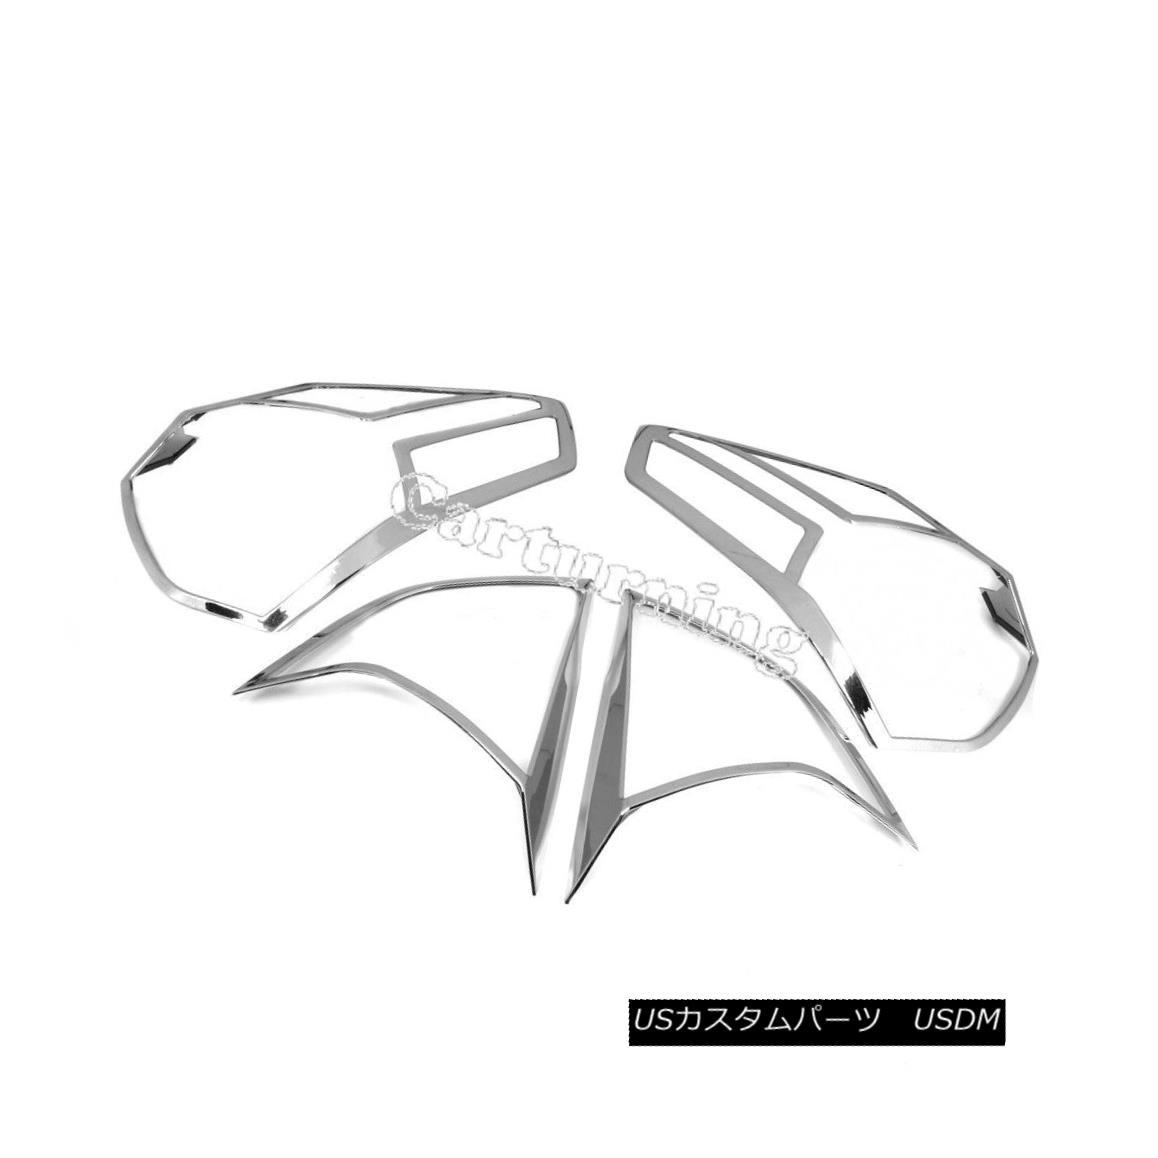 エアロパーツ Rear Tail Side Light Cover Trim Chrome Frames Fit for Nissan Rogue X-trail 14-15 リヤテールサイドライトカバートリムクロームフレームは日産ローグXトレイル14-15に適合